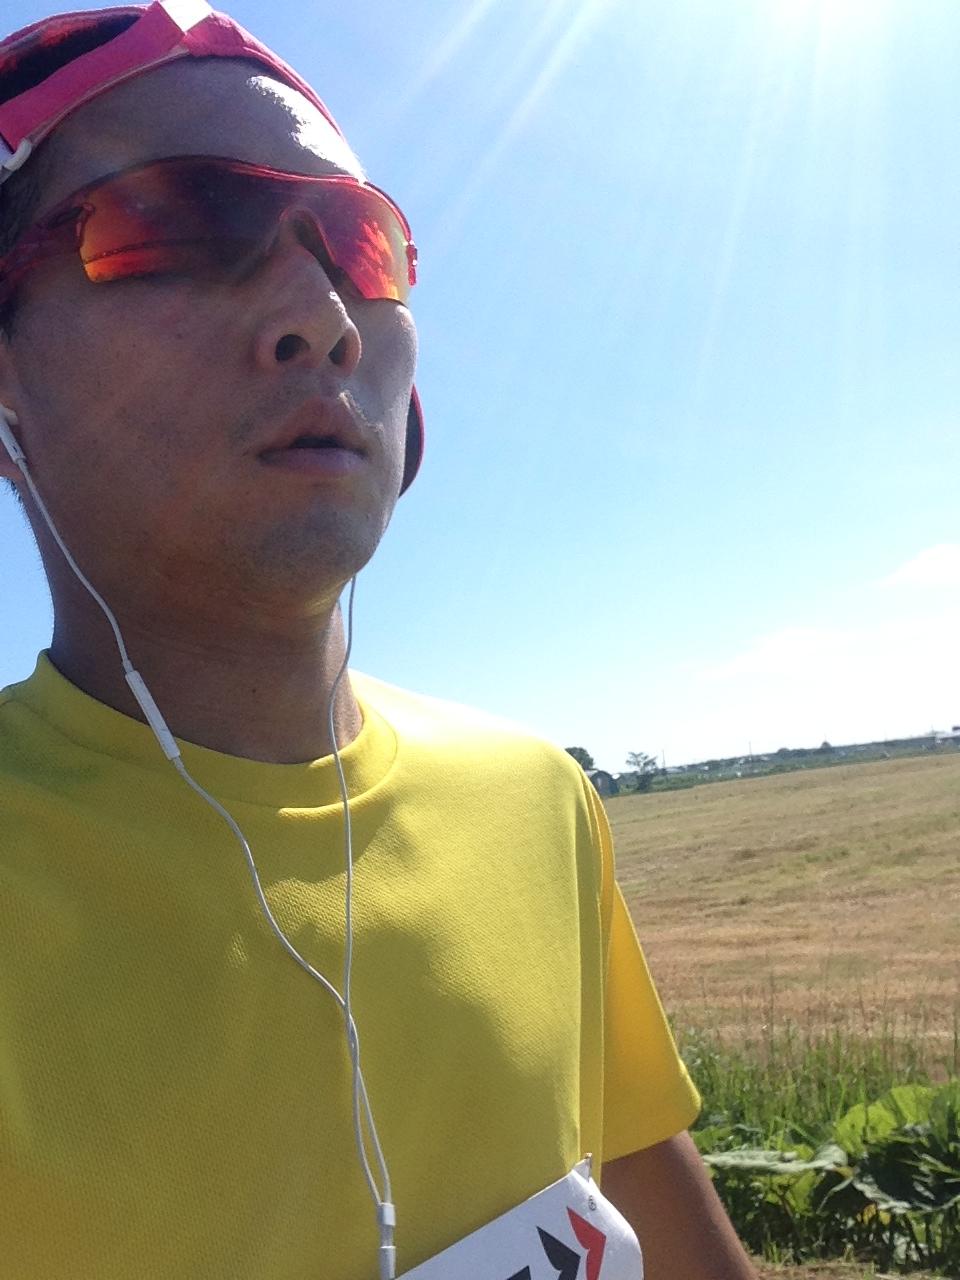 次のマラソンシーズン、サブ3に近づくために、9月にやること。